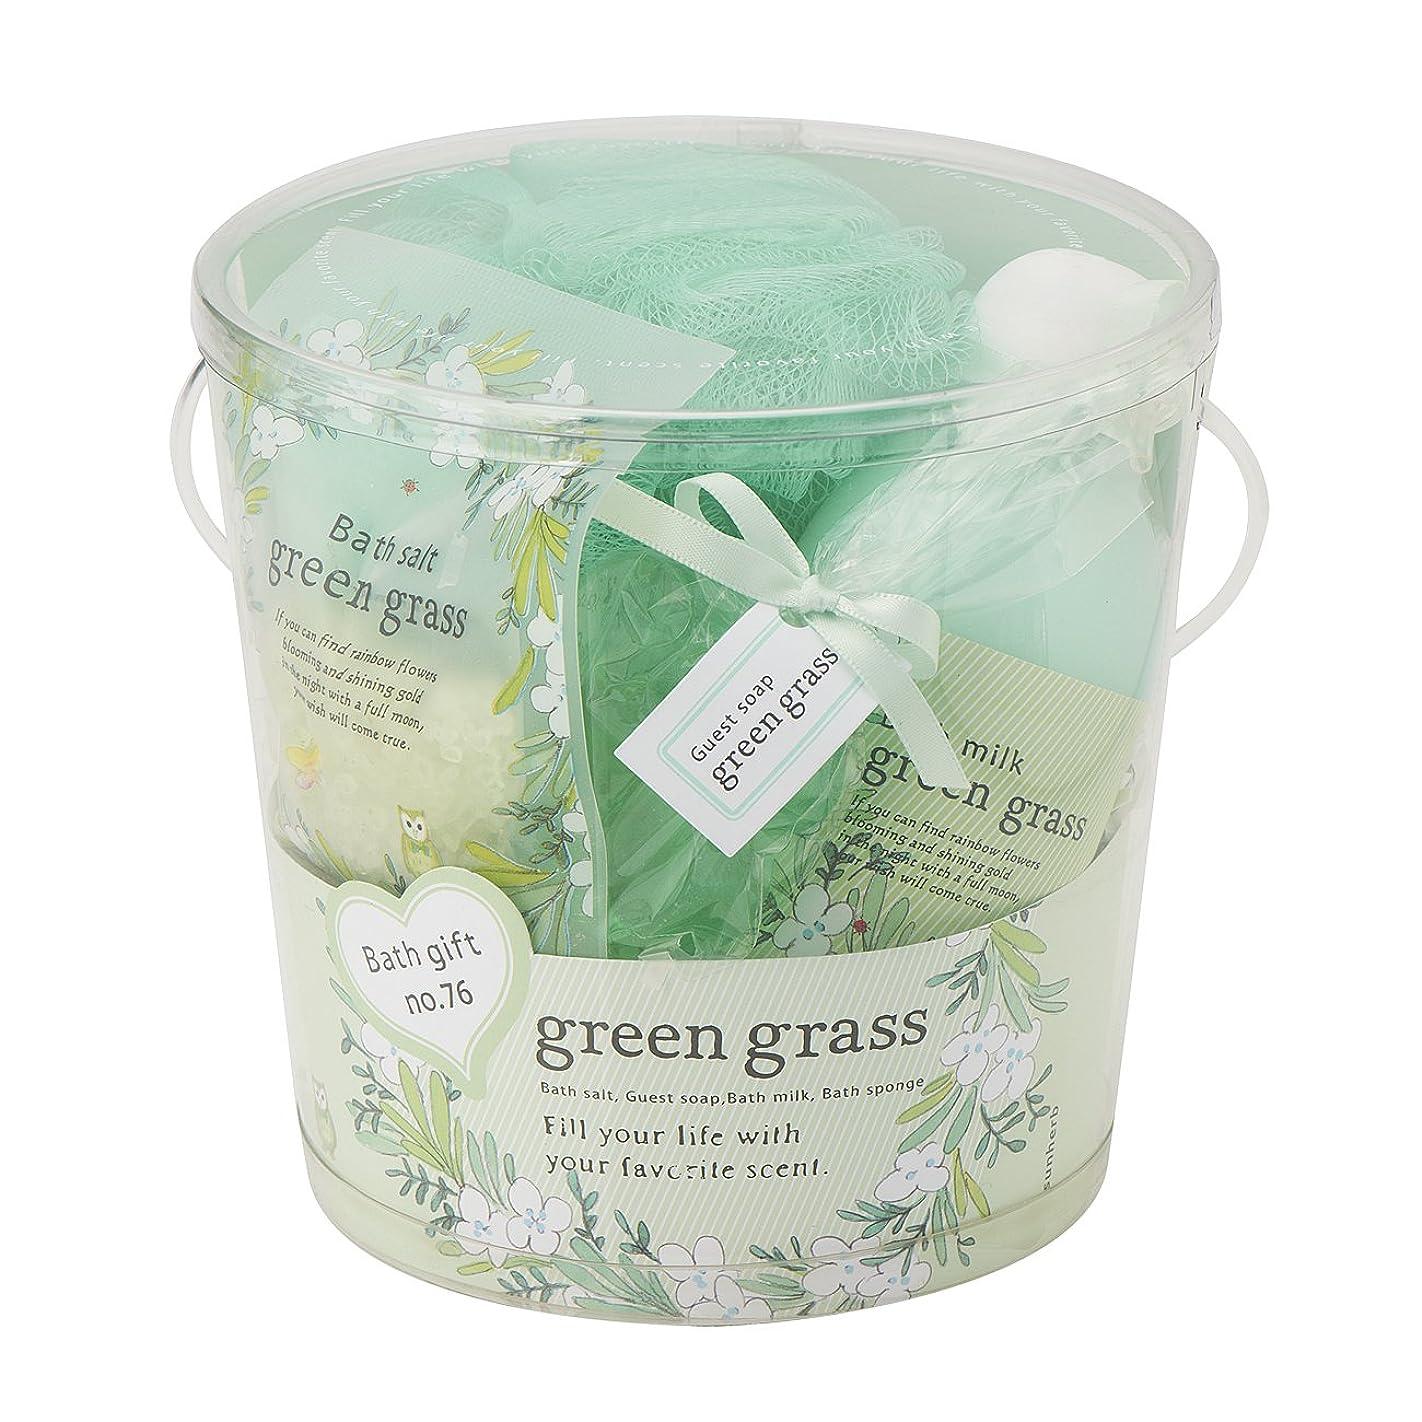 ふつう精度秘書サンハーブ バスギフトNo.76 グリーングラス(バスミルク入りのボリューミーなバスセット 爽やかでちょっと大人の香り)